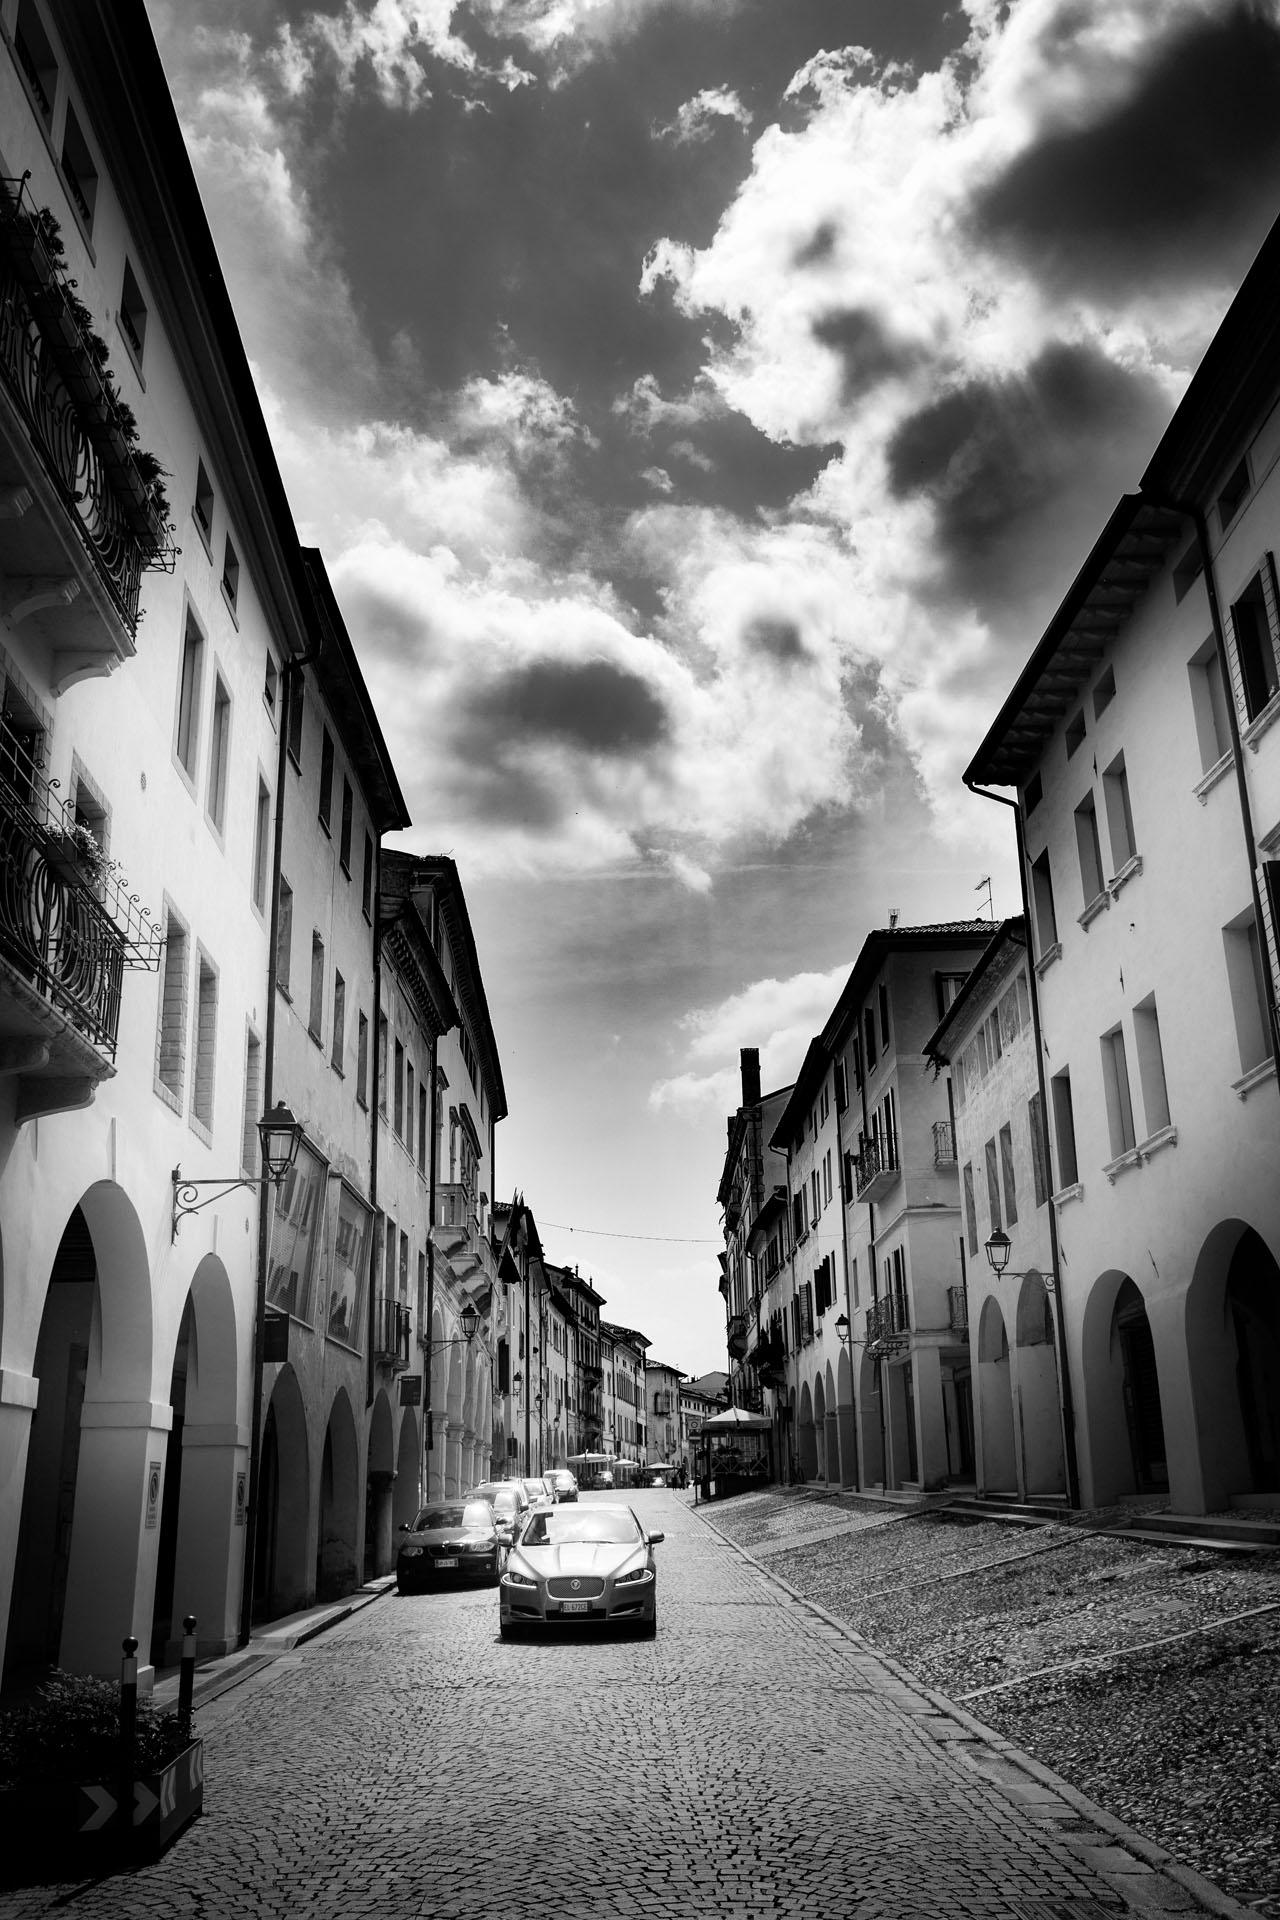 Jessica-Jason-Via-XXsettembre-Weddingdestination-Storytelling-Renato-Zanette-Fotografo-Convento-San-Francesco-Conegliano-Treviso-Veneto